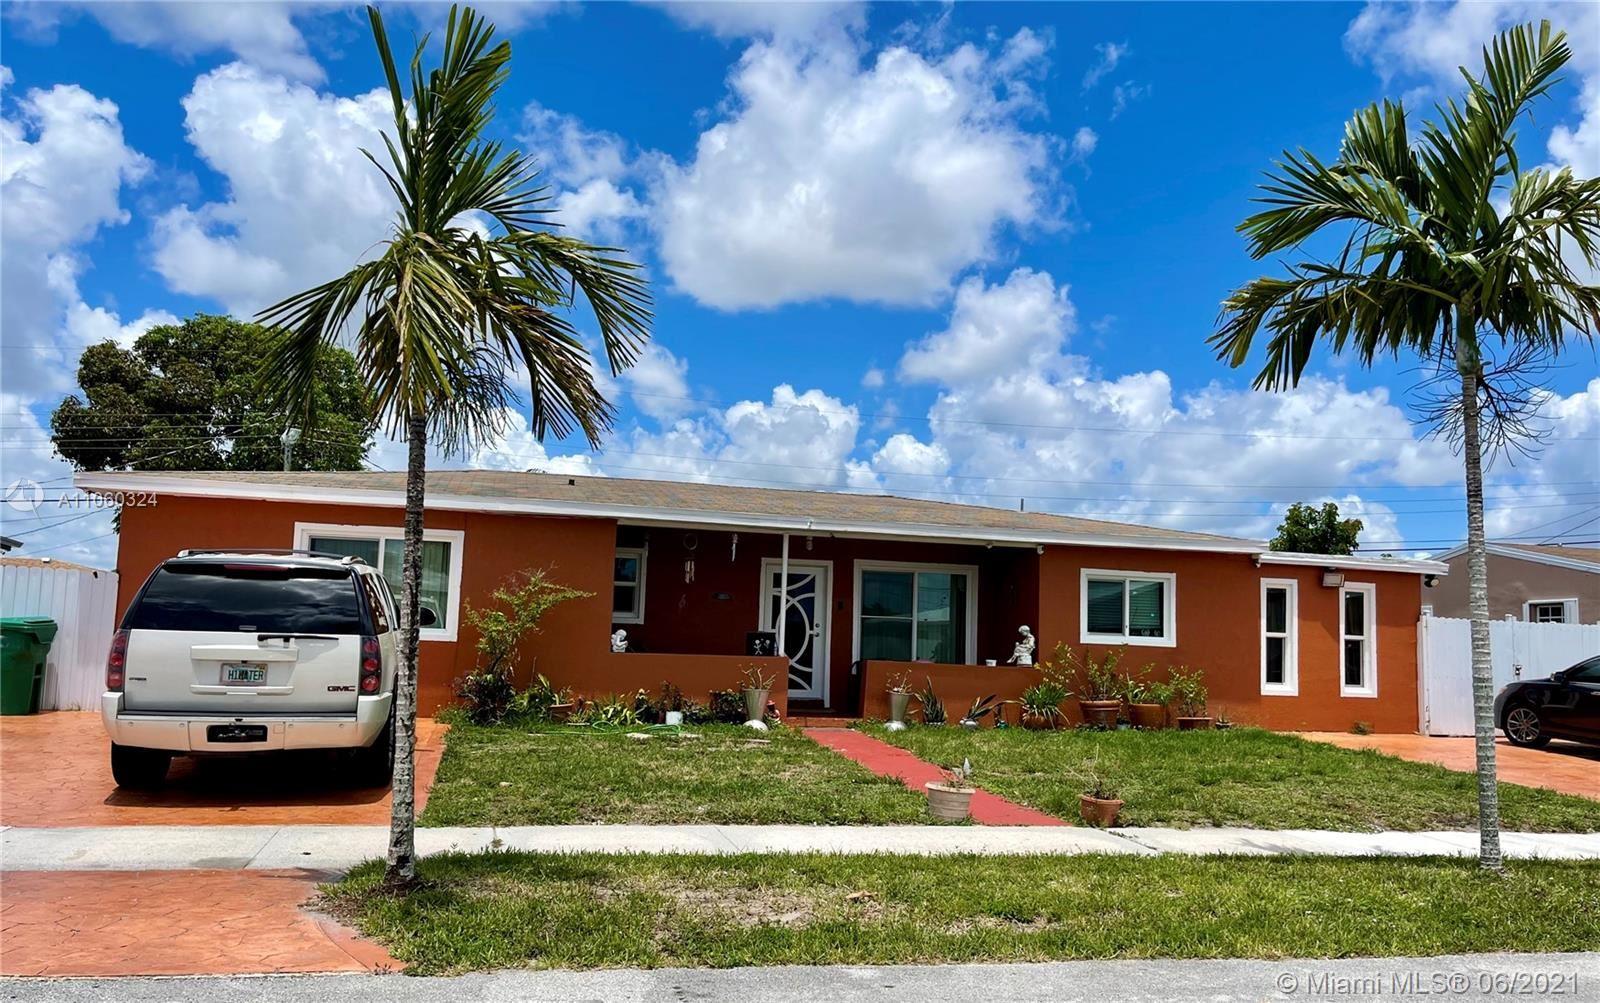 18510 NW 29th Ct, Miami Gardens, FL 33056 - #: A11060324